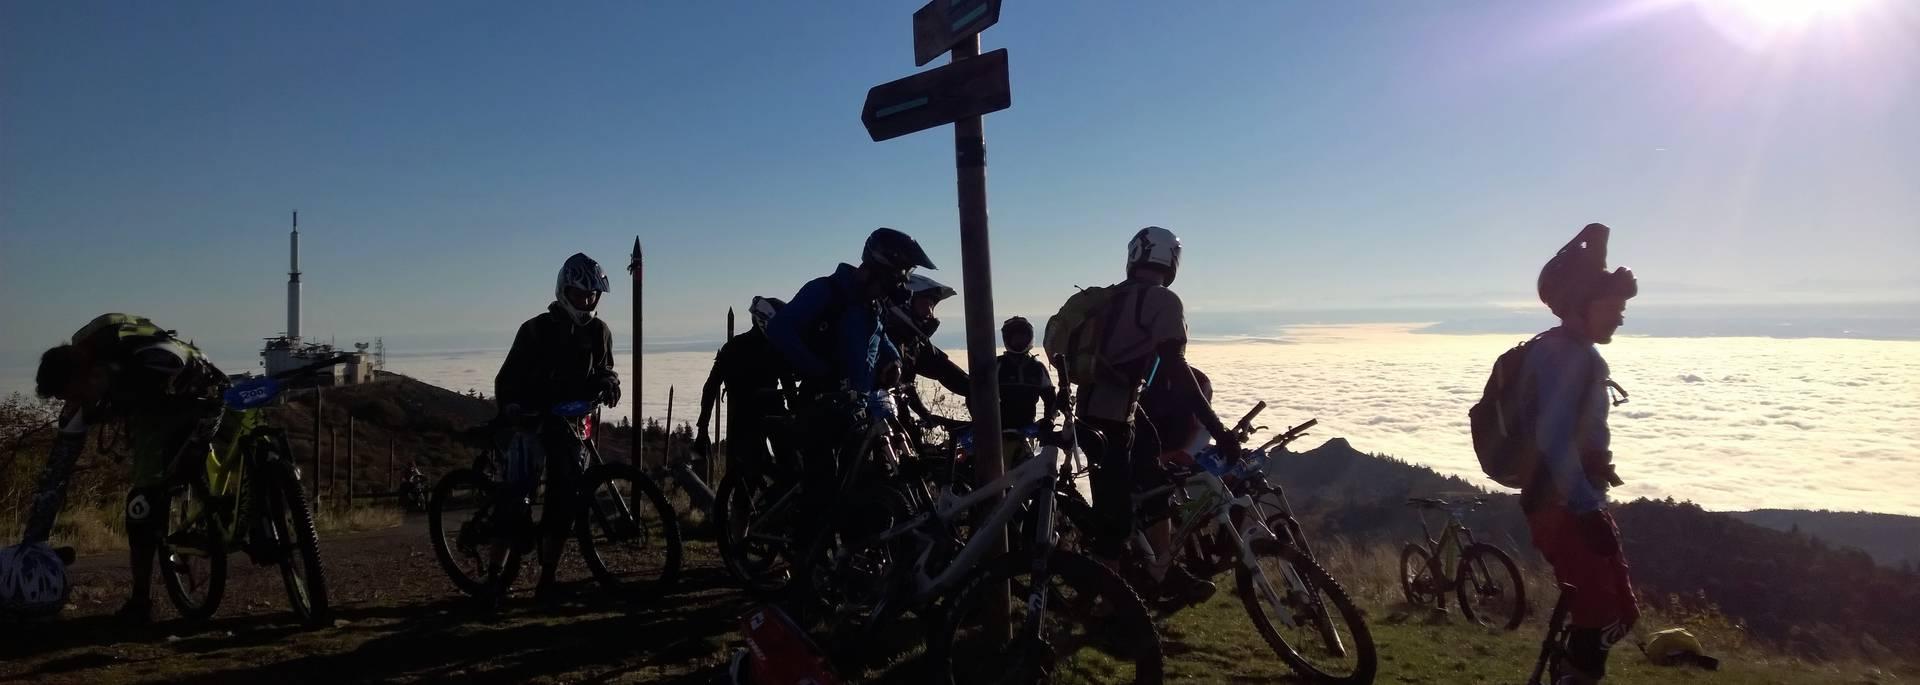 crêt oeillon pilat perdrix vtt itinéraires rhône alpes auvergne monotrace singletrack sentiers balisés